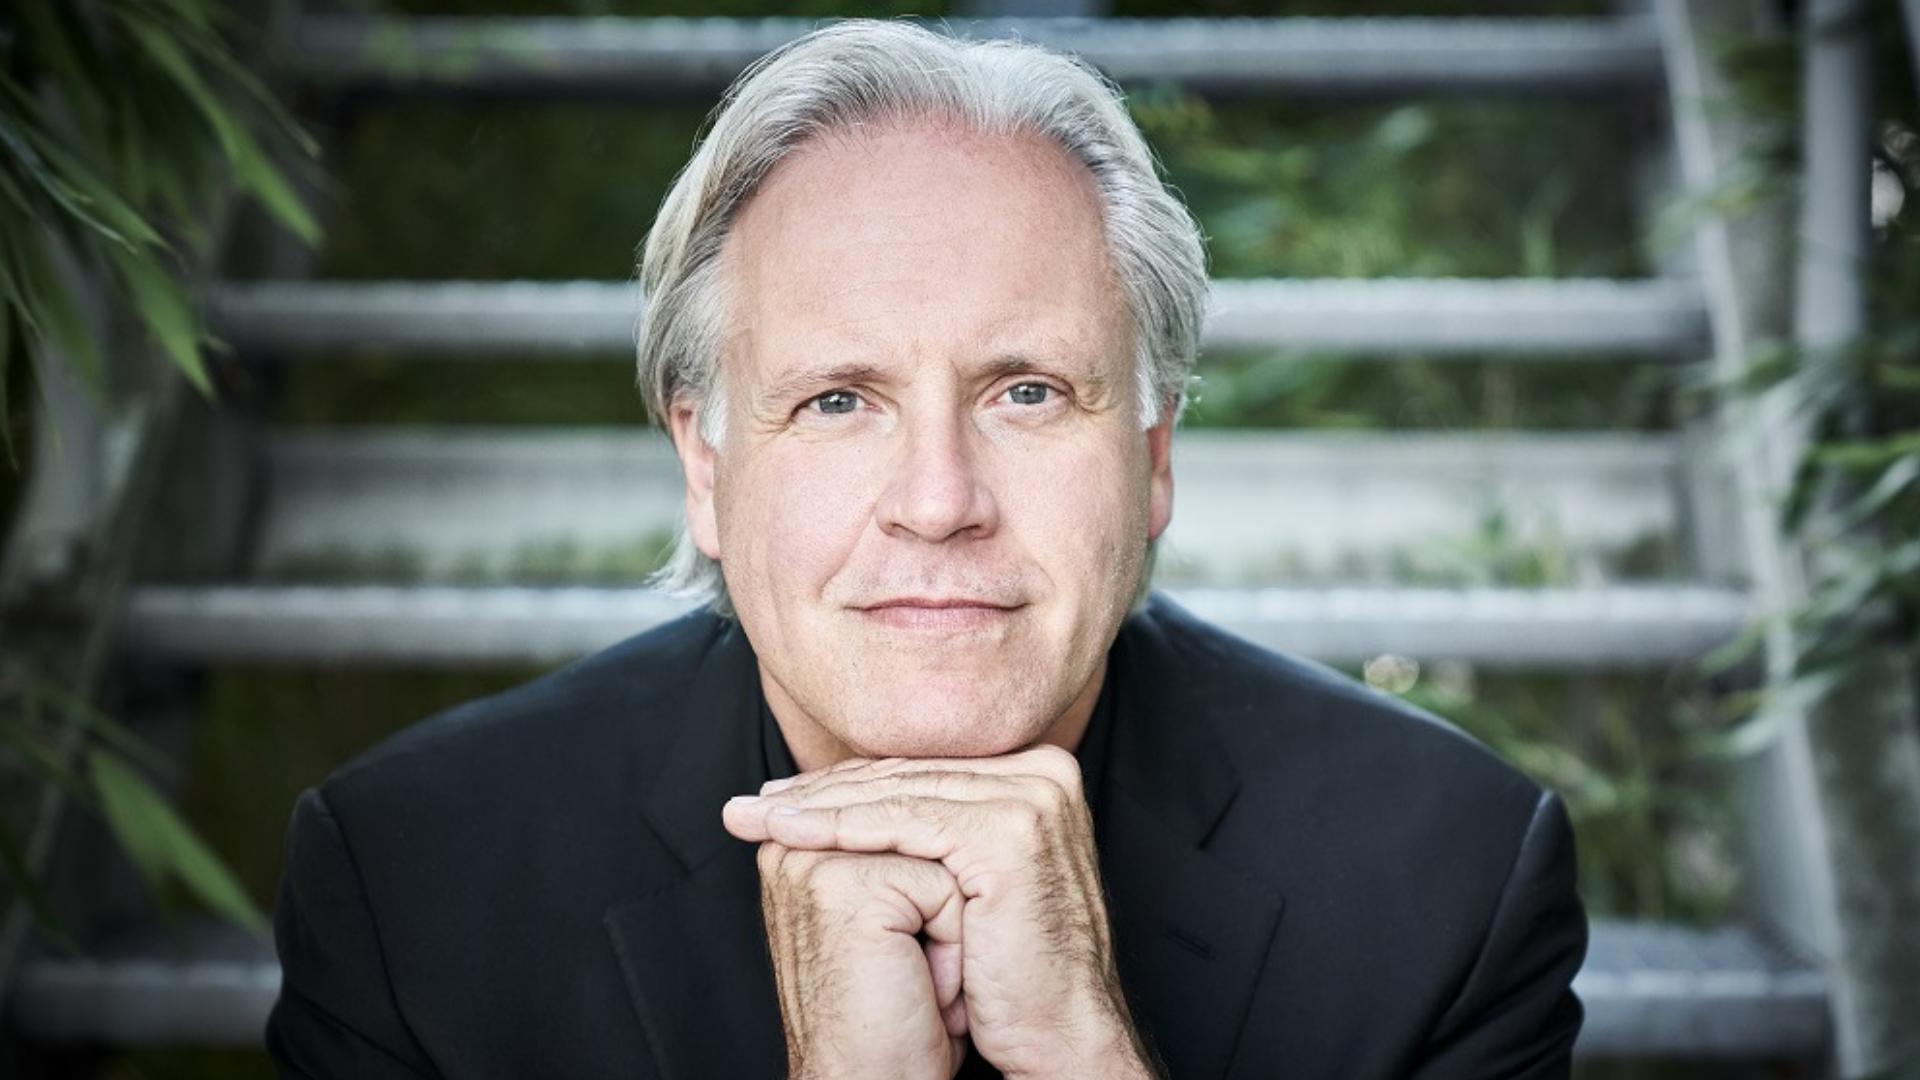 Markus Stenz (Photo by Kaupo Kikkas)